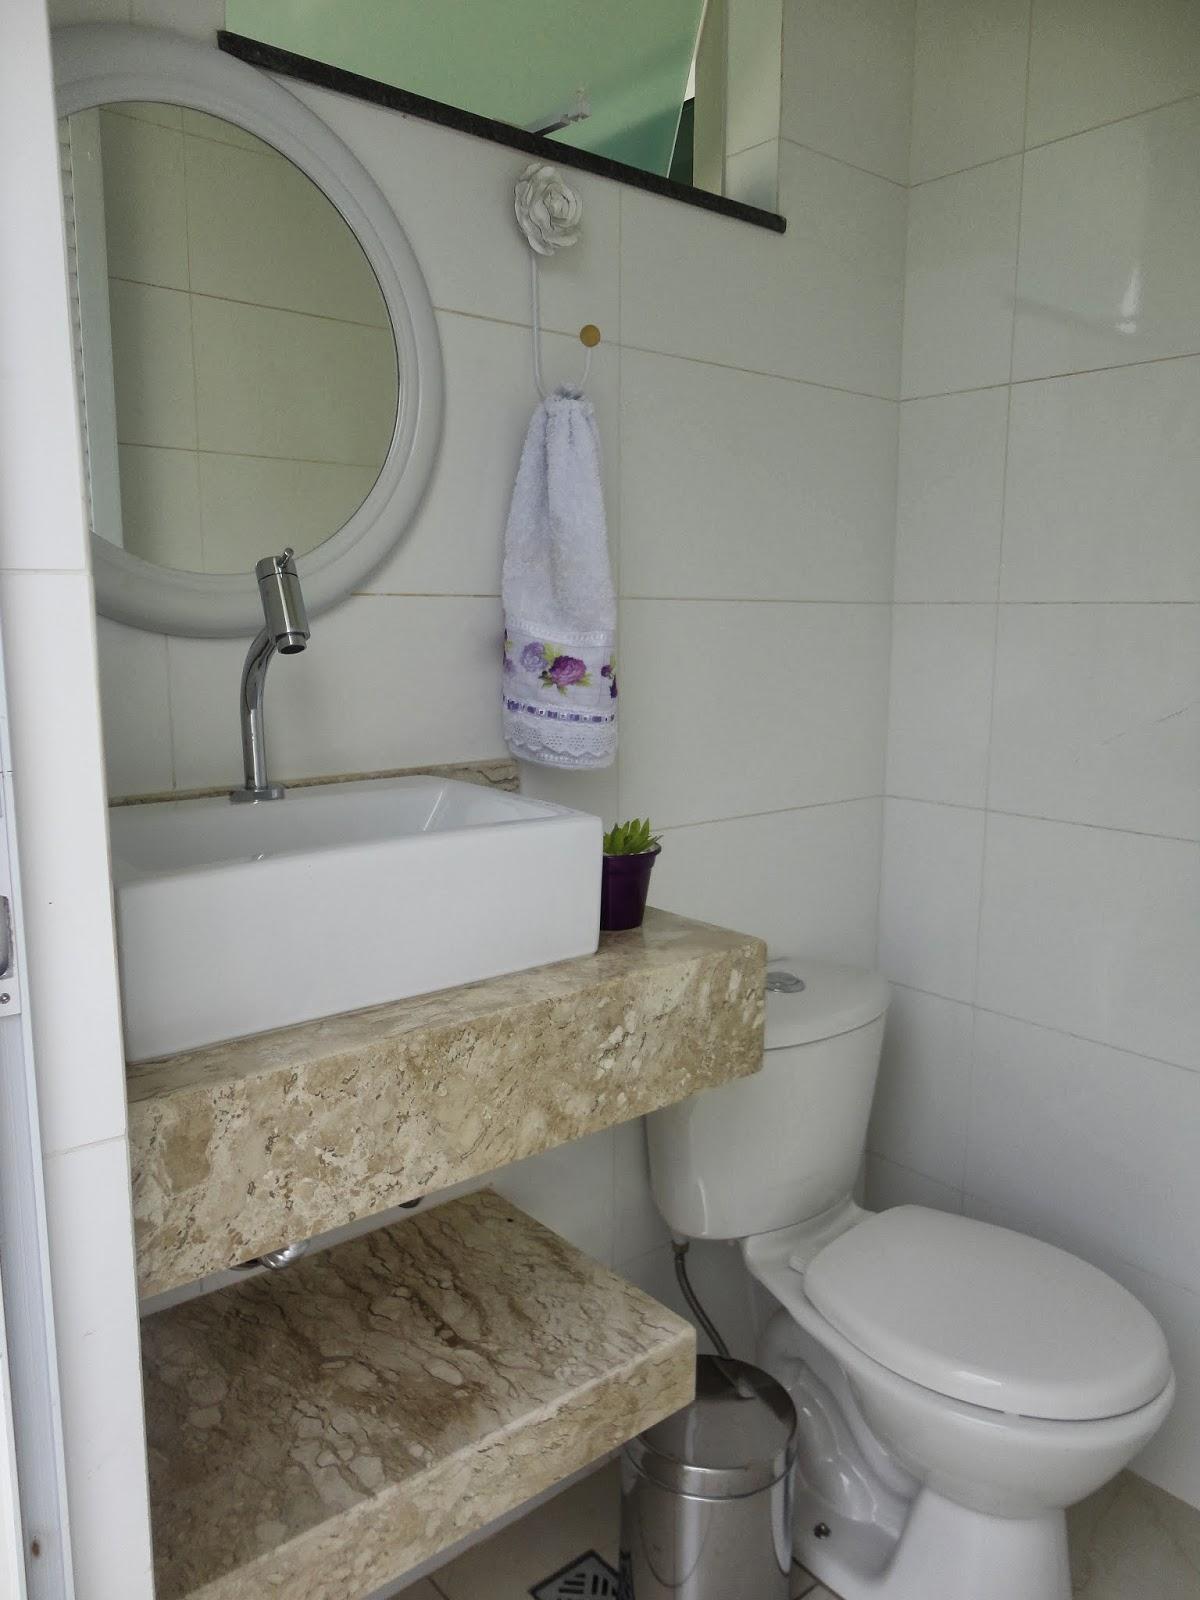 porta no haal de entrada do 2° piso onde pretendo um dia decorar com #585040 1200x1600 Banheiro Com 2 Portas De Entrada